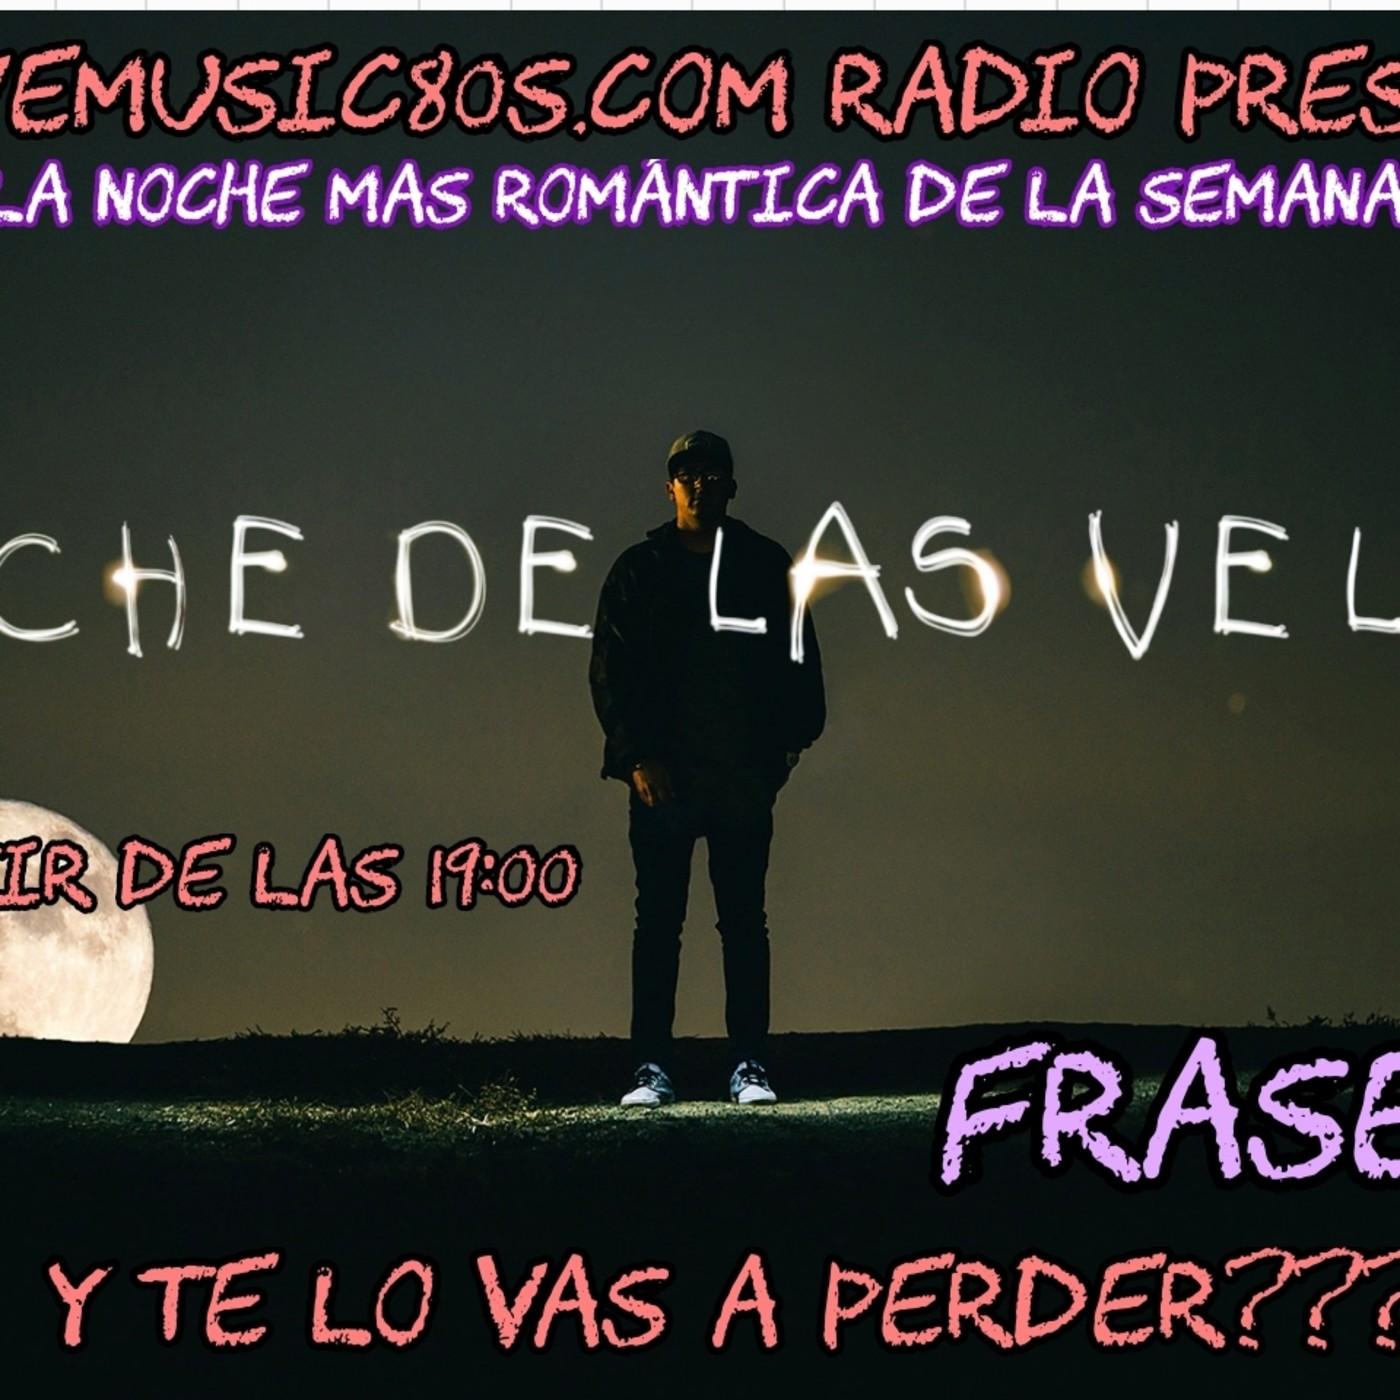 La Noche De Las Velas Frases En Ilovemusic80scom En Mp3